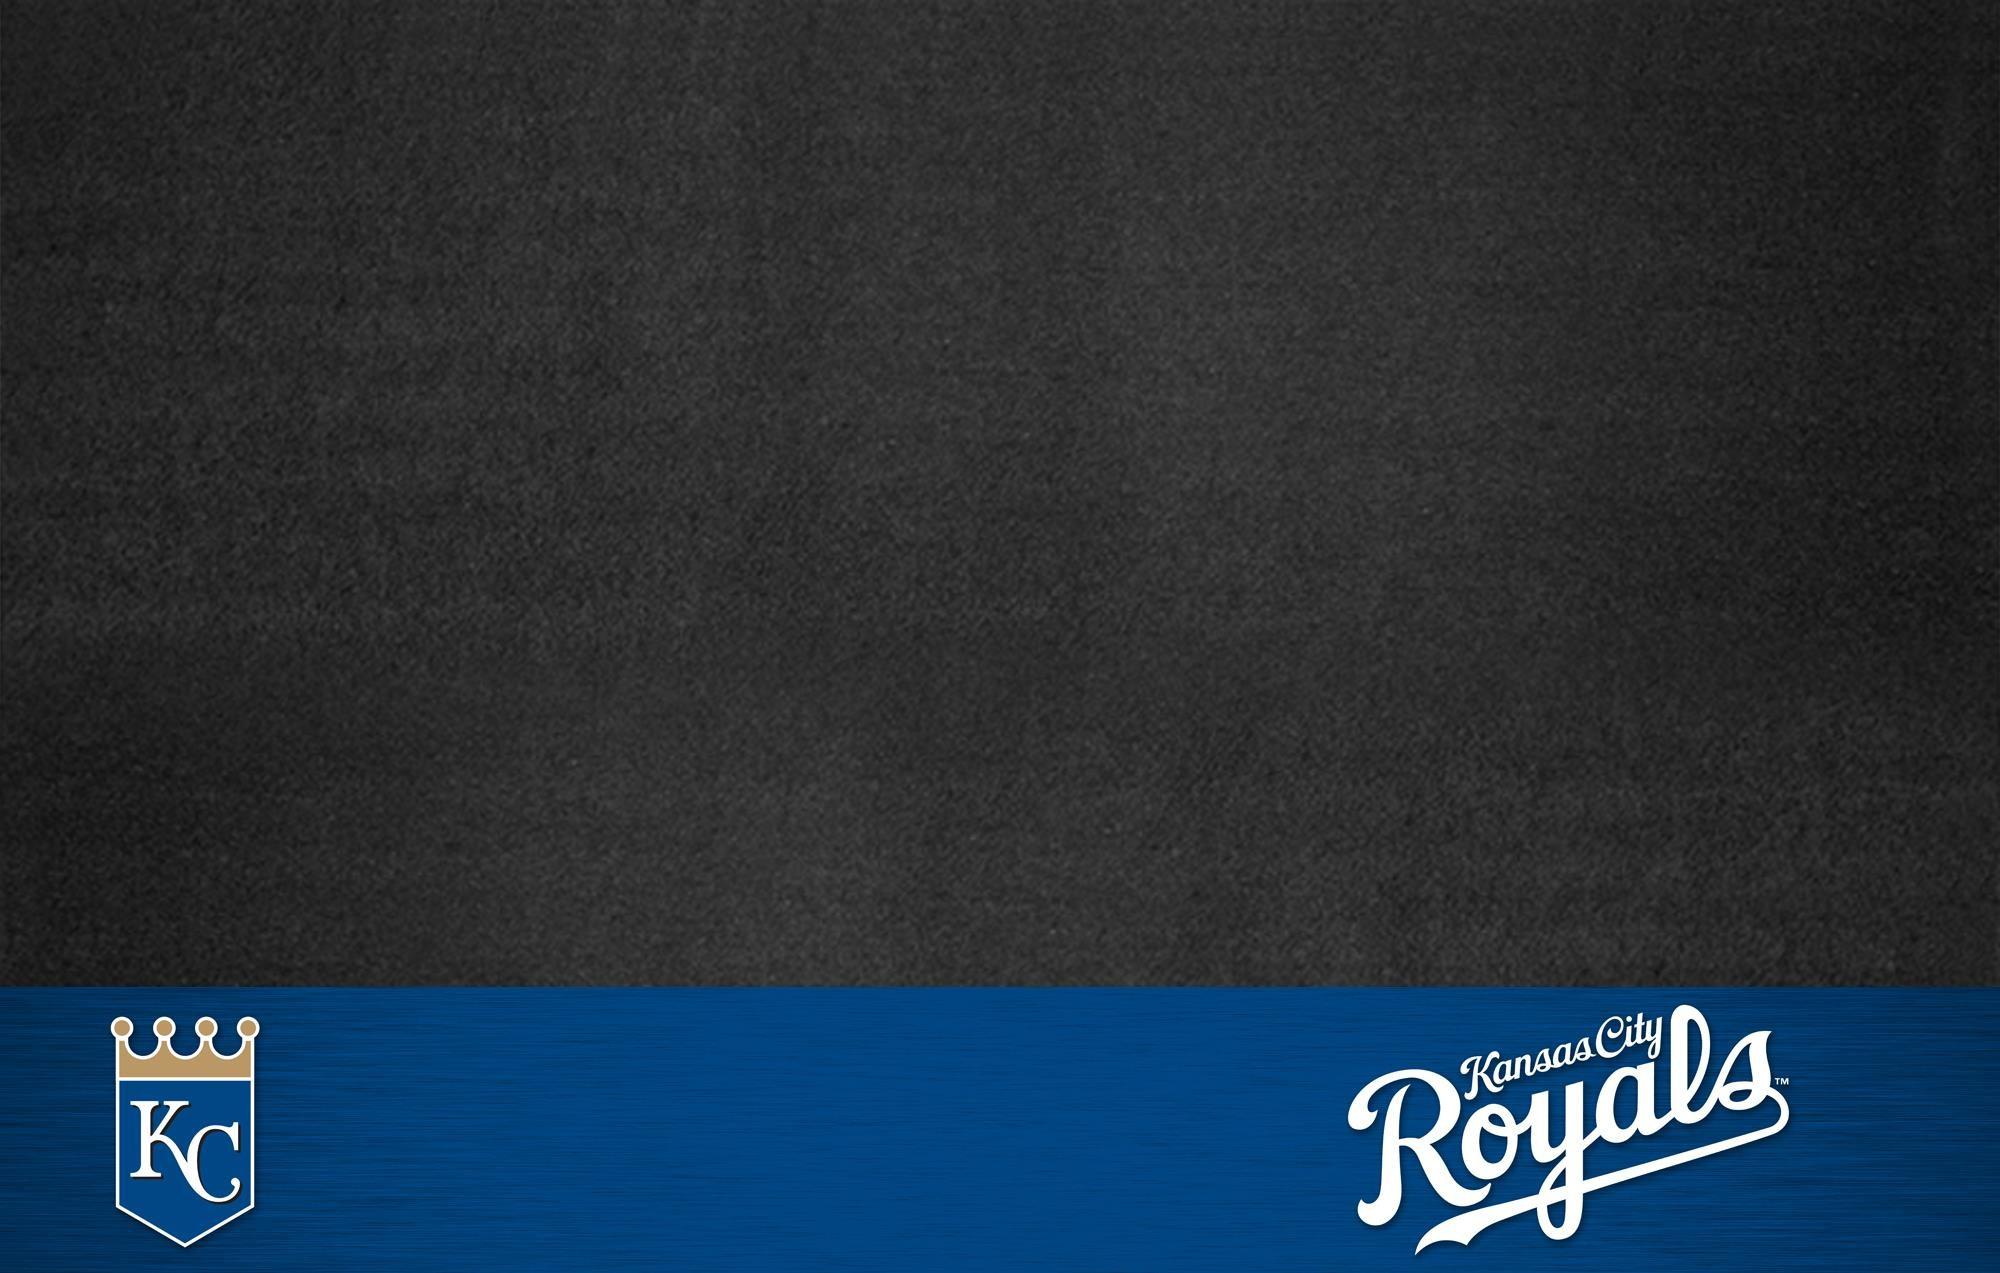 Free Kansas City Royals Wallpapers.